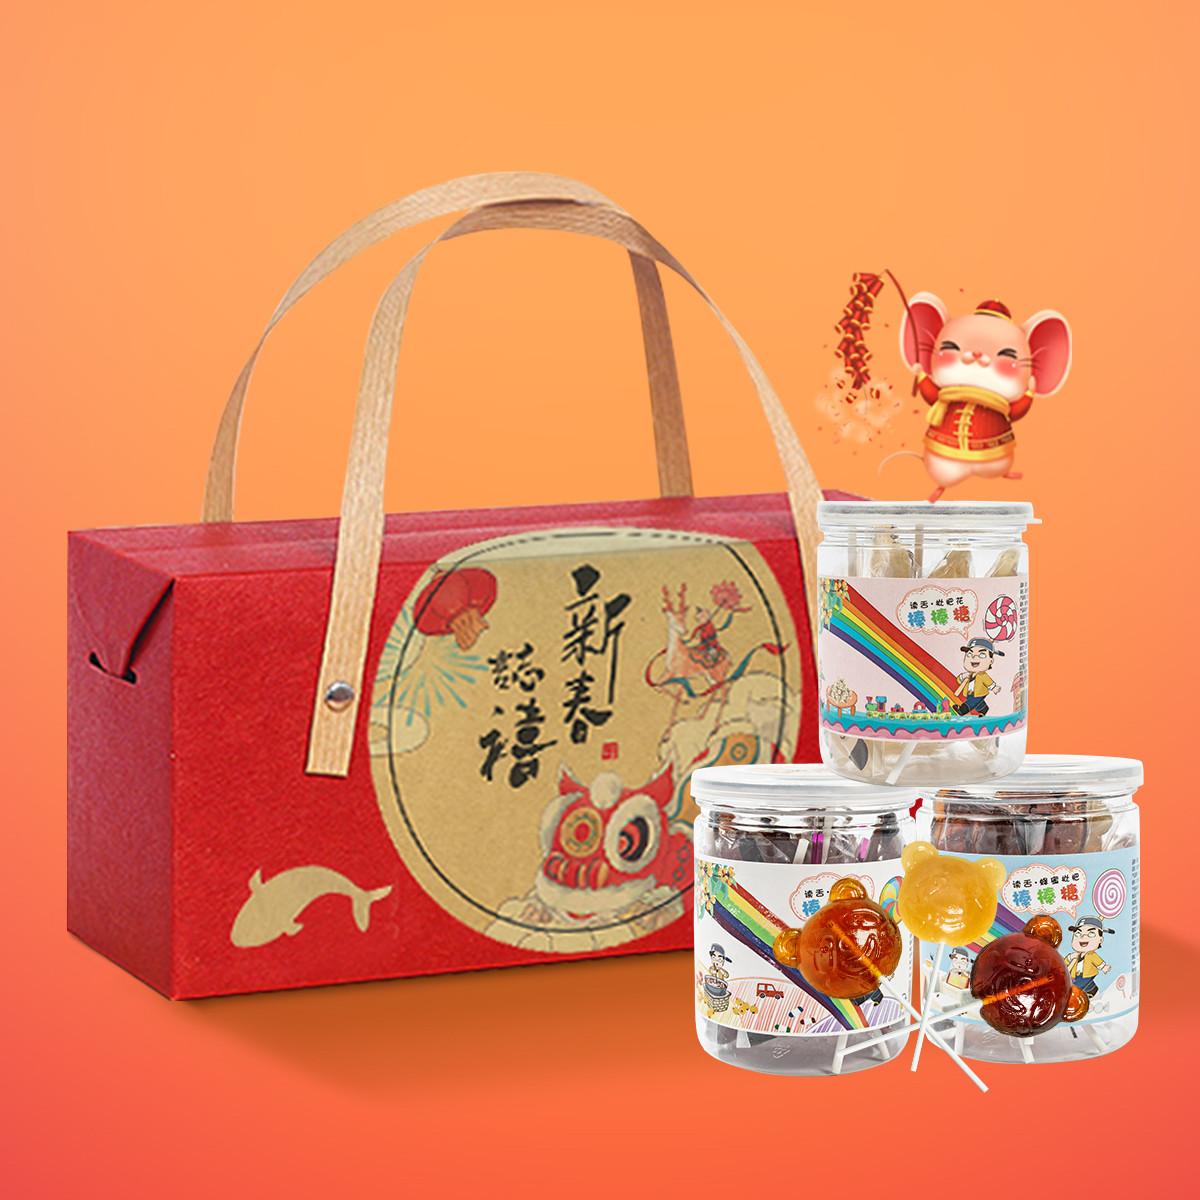 读舌春节佳礼礼盒装儿童可爱卡通枇杷系列棒棒糖组合装水果糖果罐装COLOR棒棒糖3种口味各1罐组合